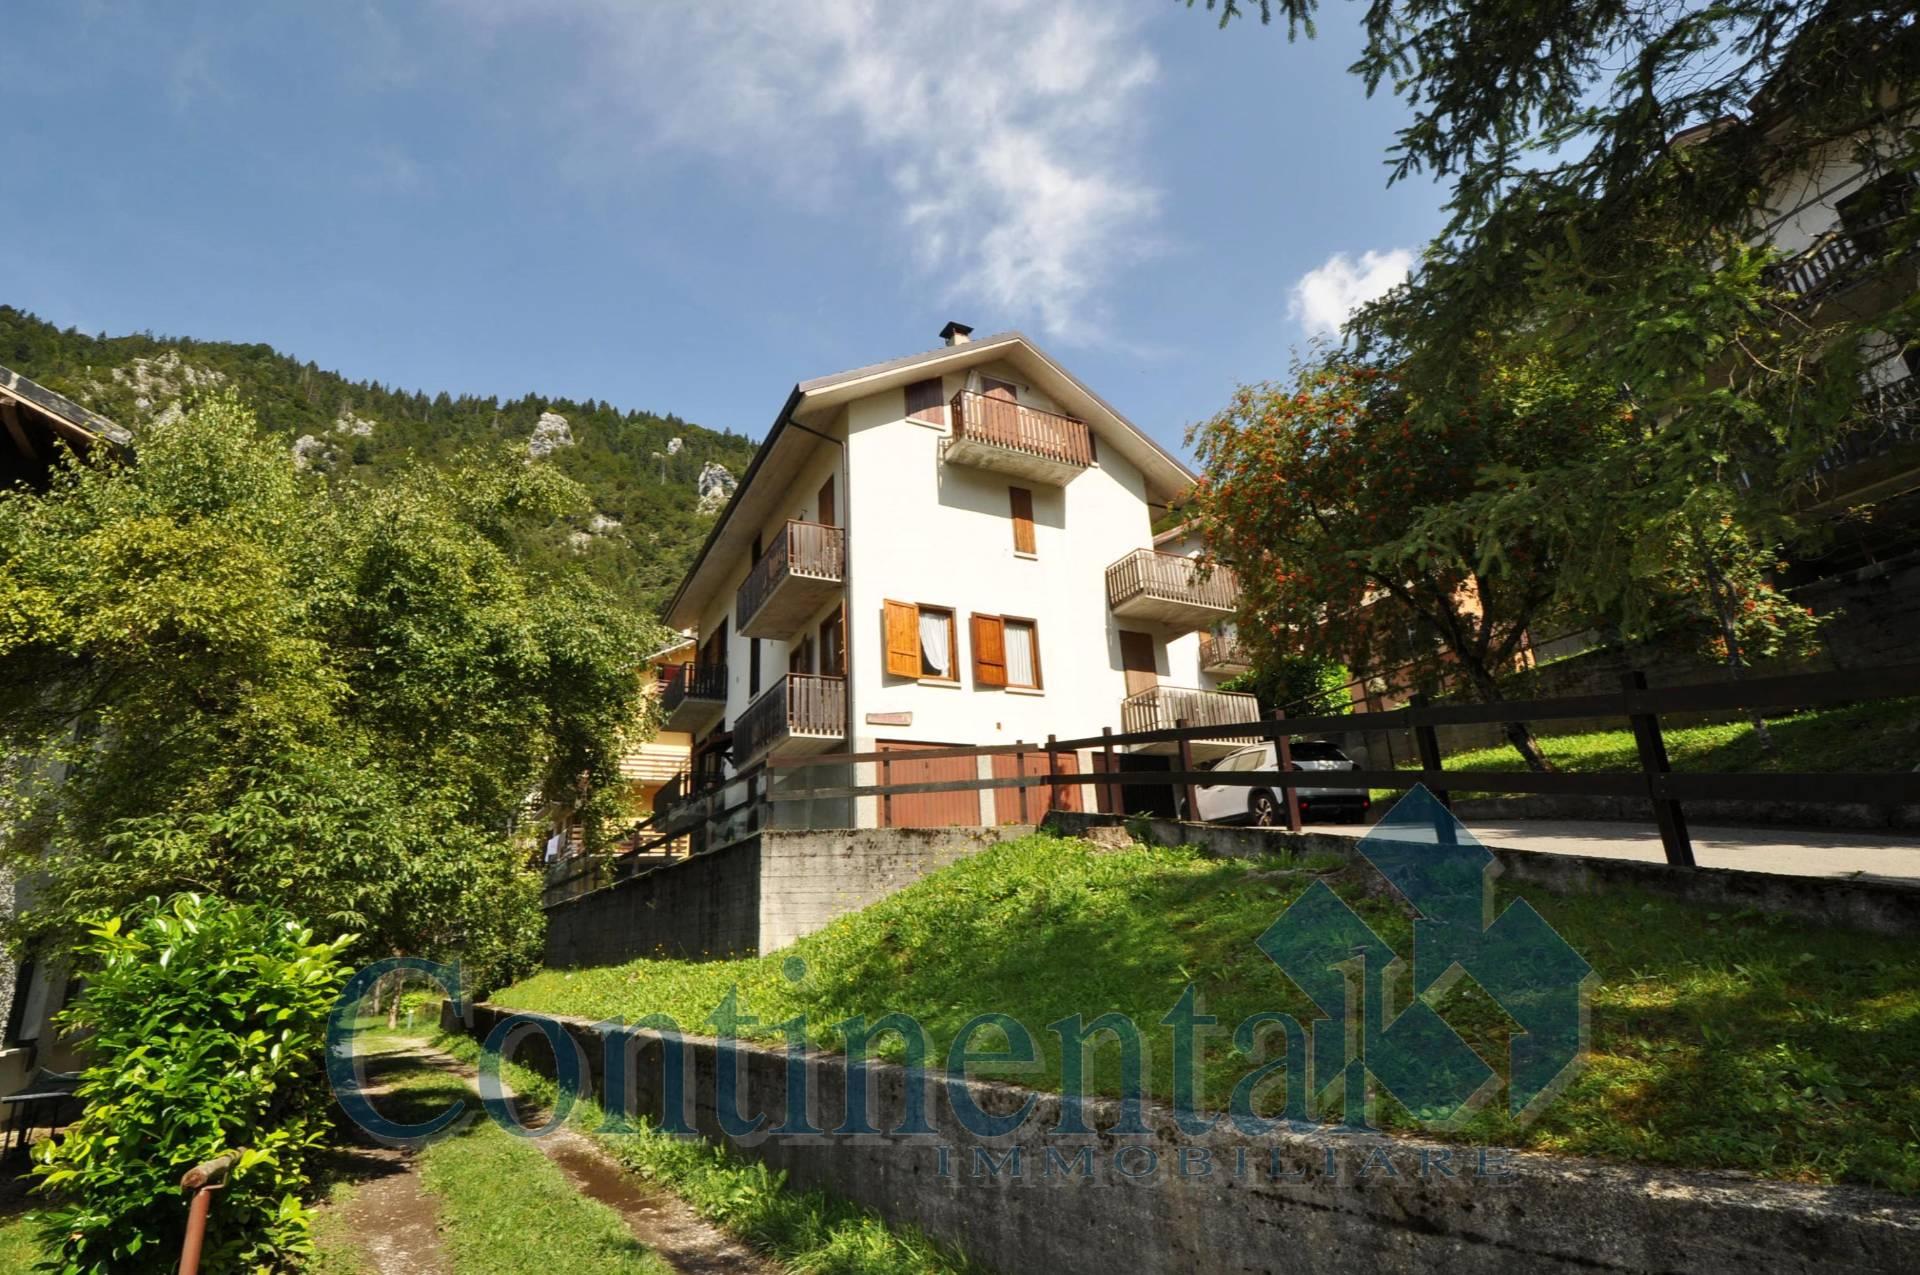 Appartamento in vendita a Piazzatorre, 3 locali, prezzo € 53.000   PortaleAgenzieImmobiliari.it